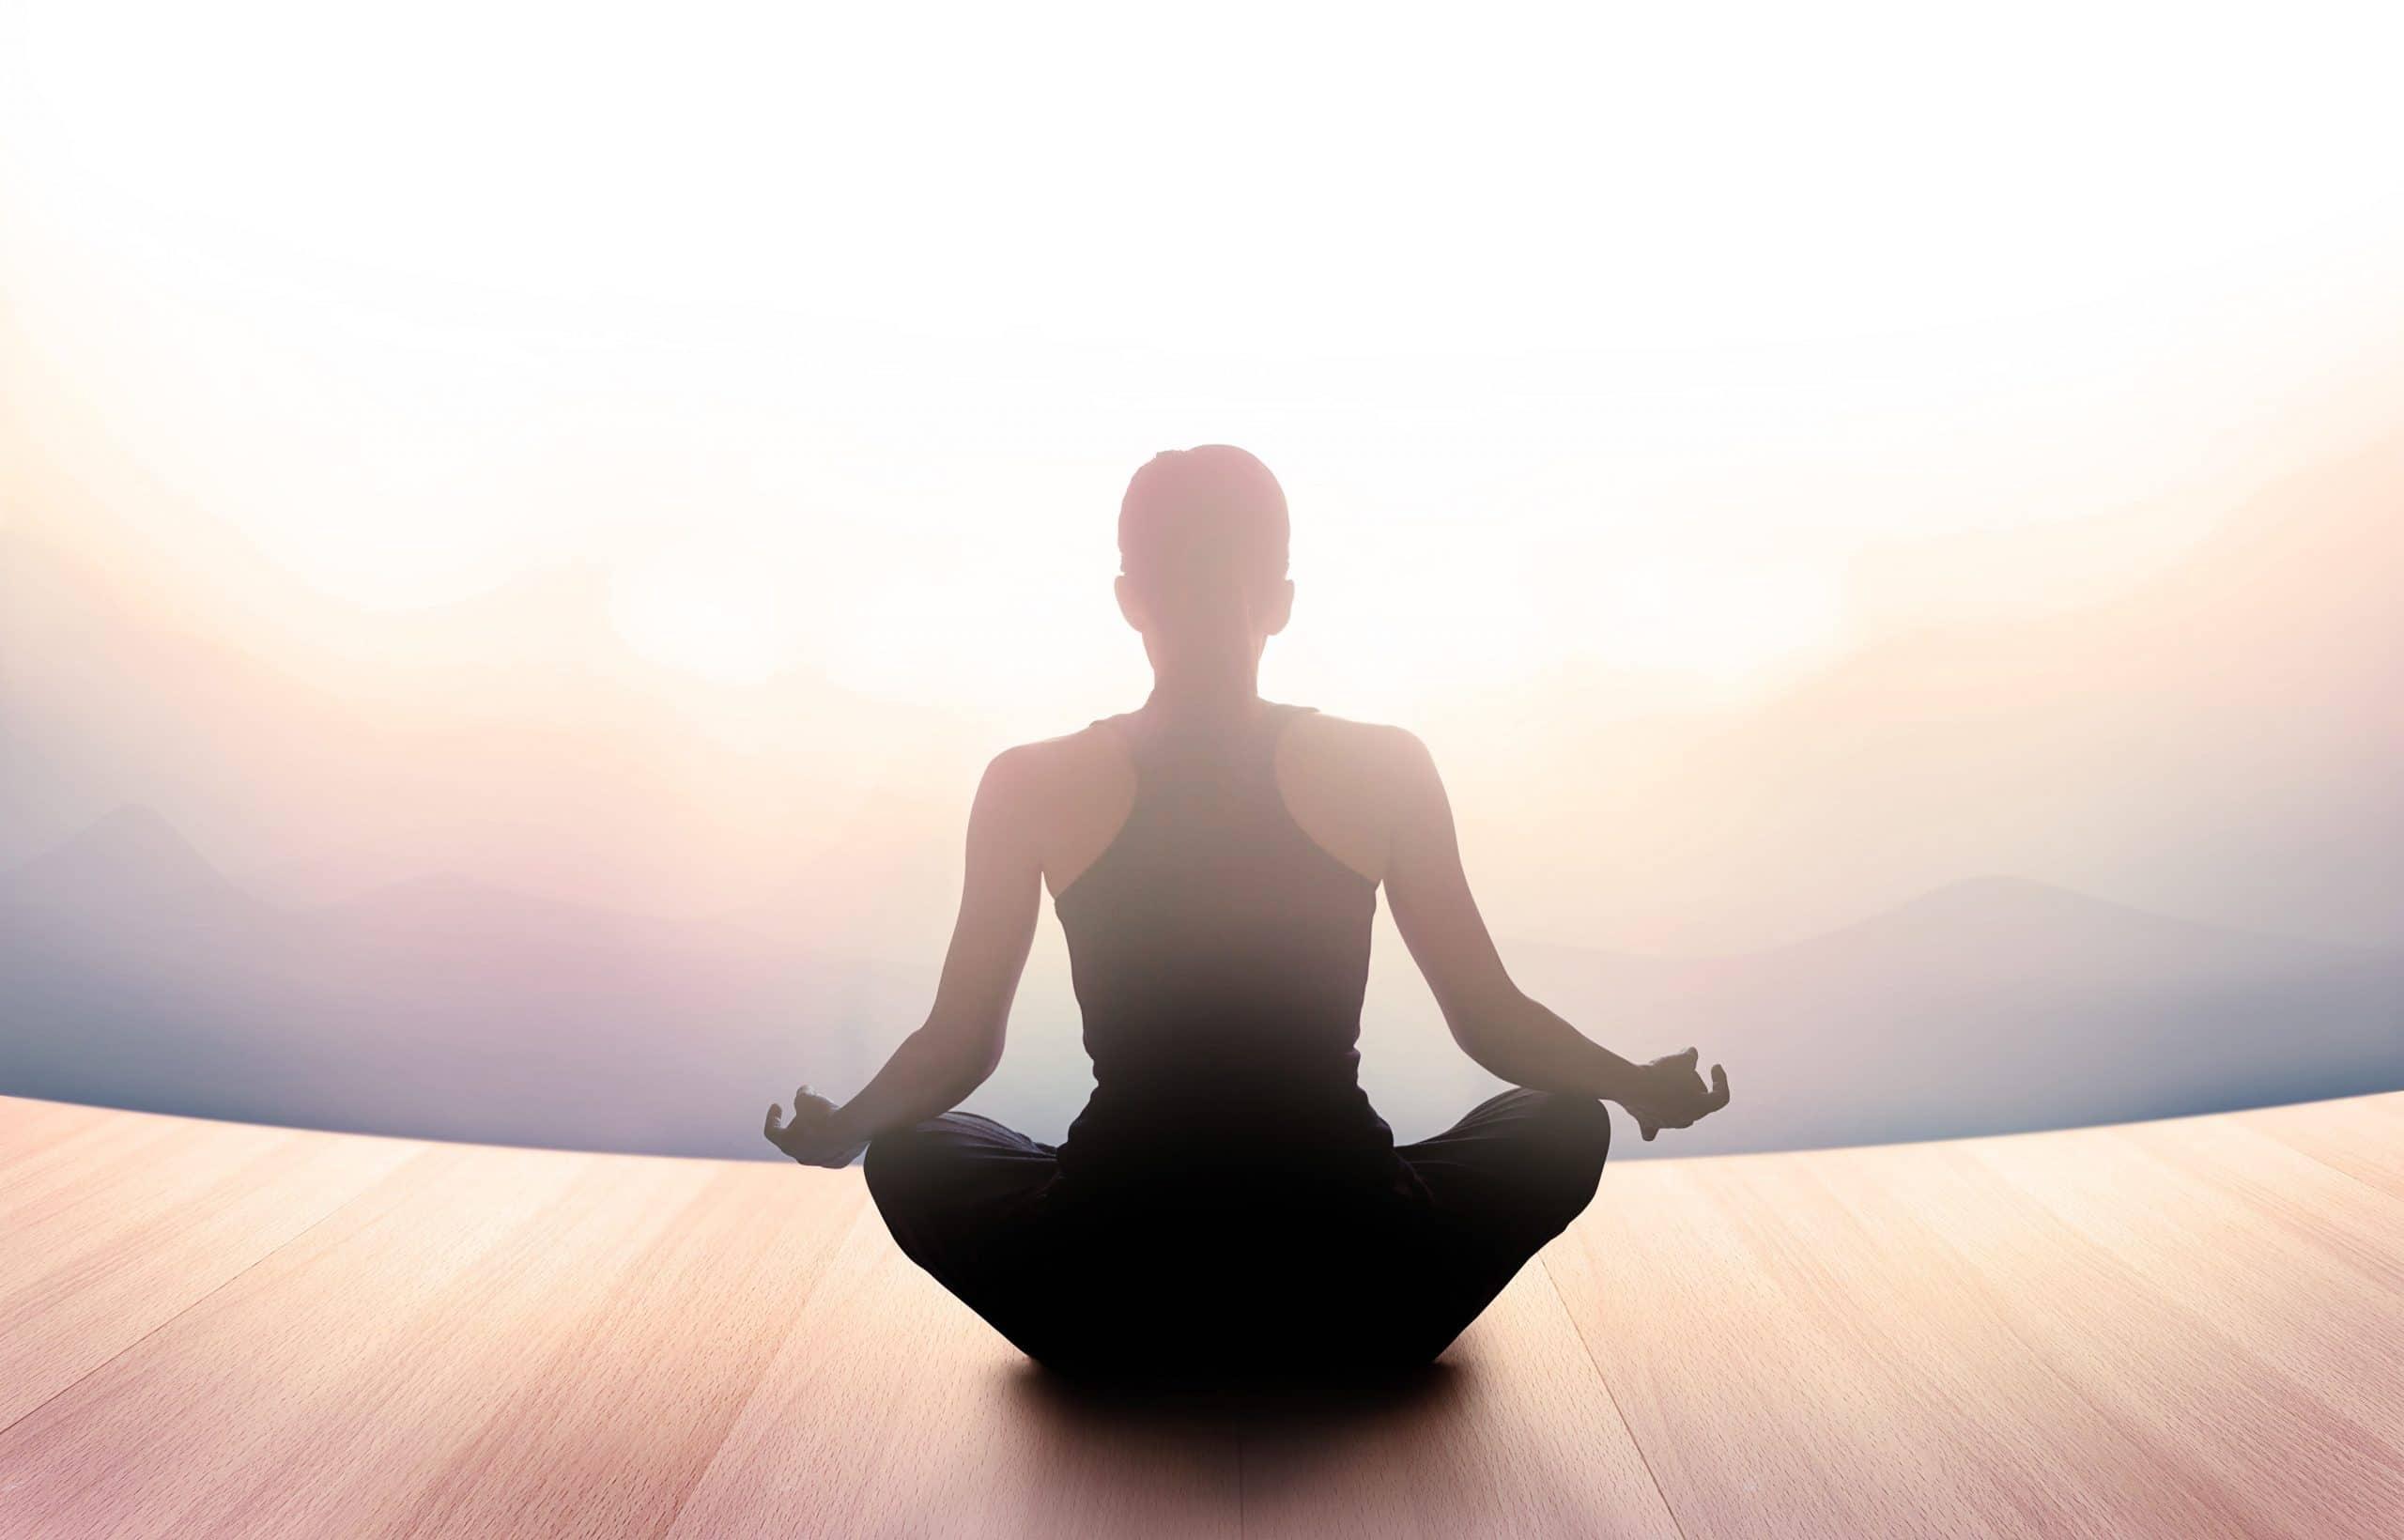 Mulher meditando de costas em uma sala vazia e bem iluminada.